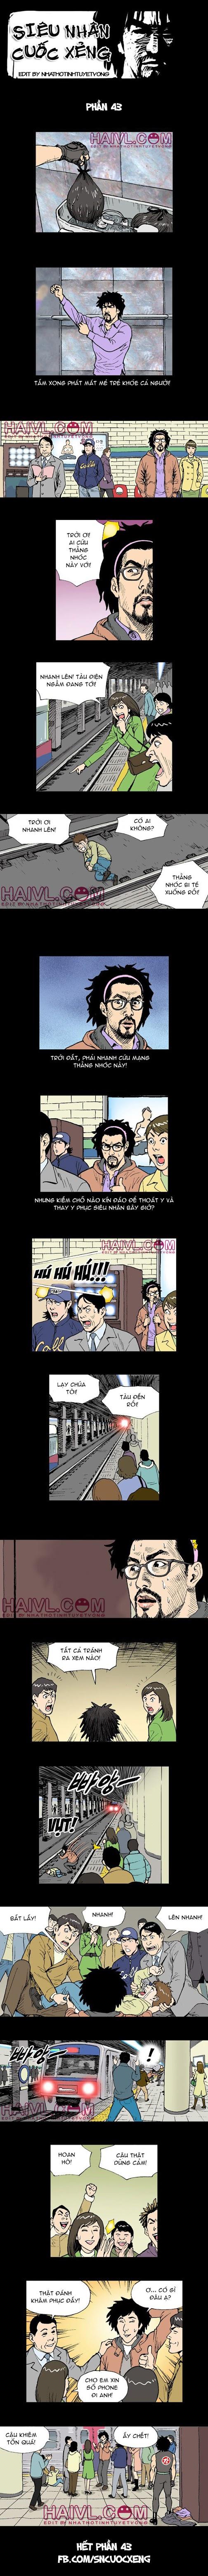 Siêu nhân Cuốc Xẻng (full bộ) phần 43